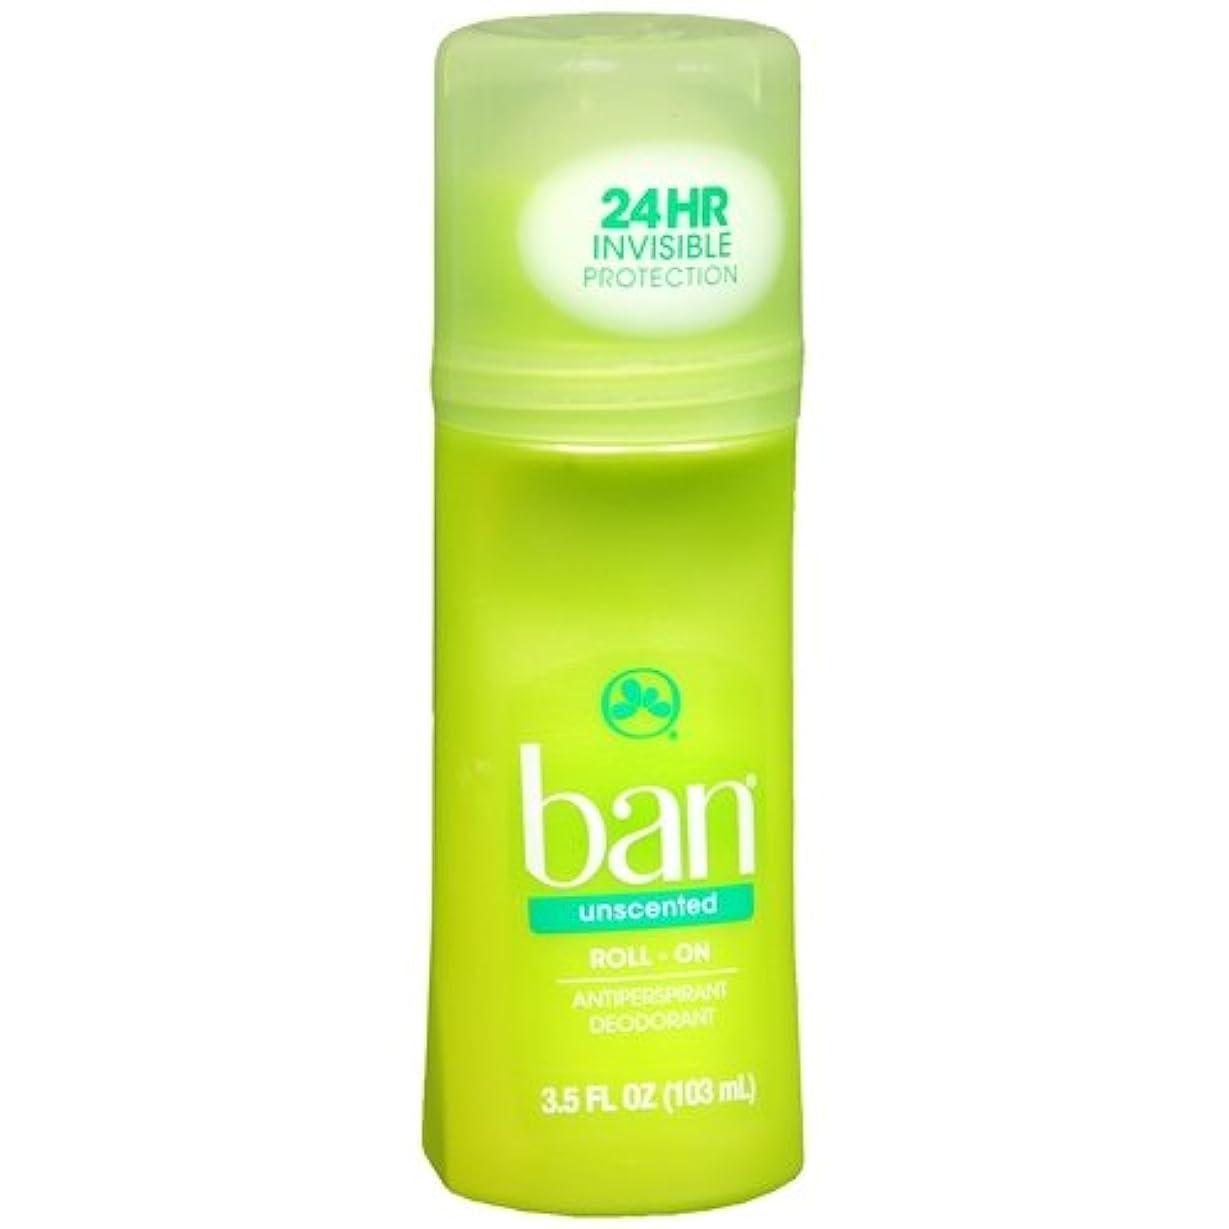 暴動座る王朝海外直送品 【2個セット】Ban Roll-On Unscented Antiperspirant & Deodorant - 3.5 fl oz (103 ml) 無香タイプ